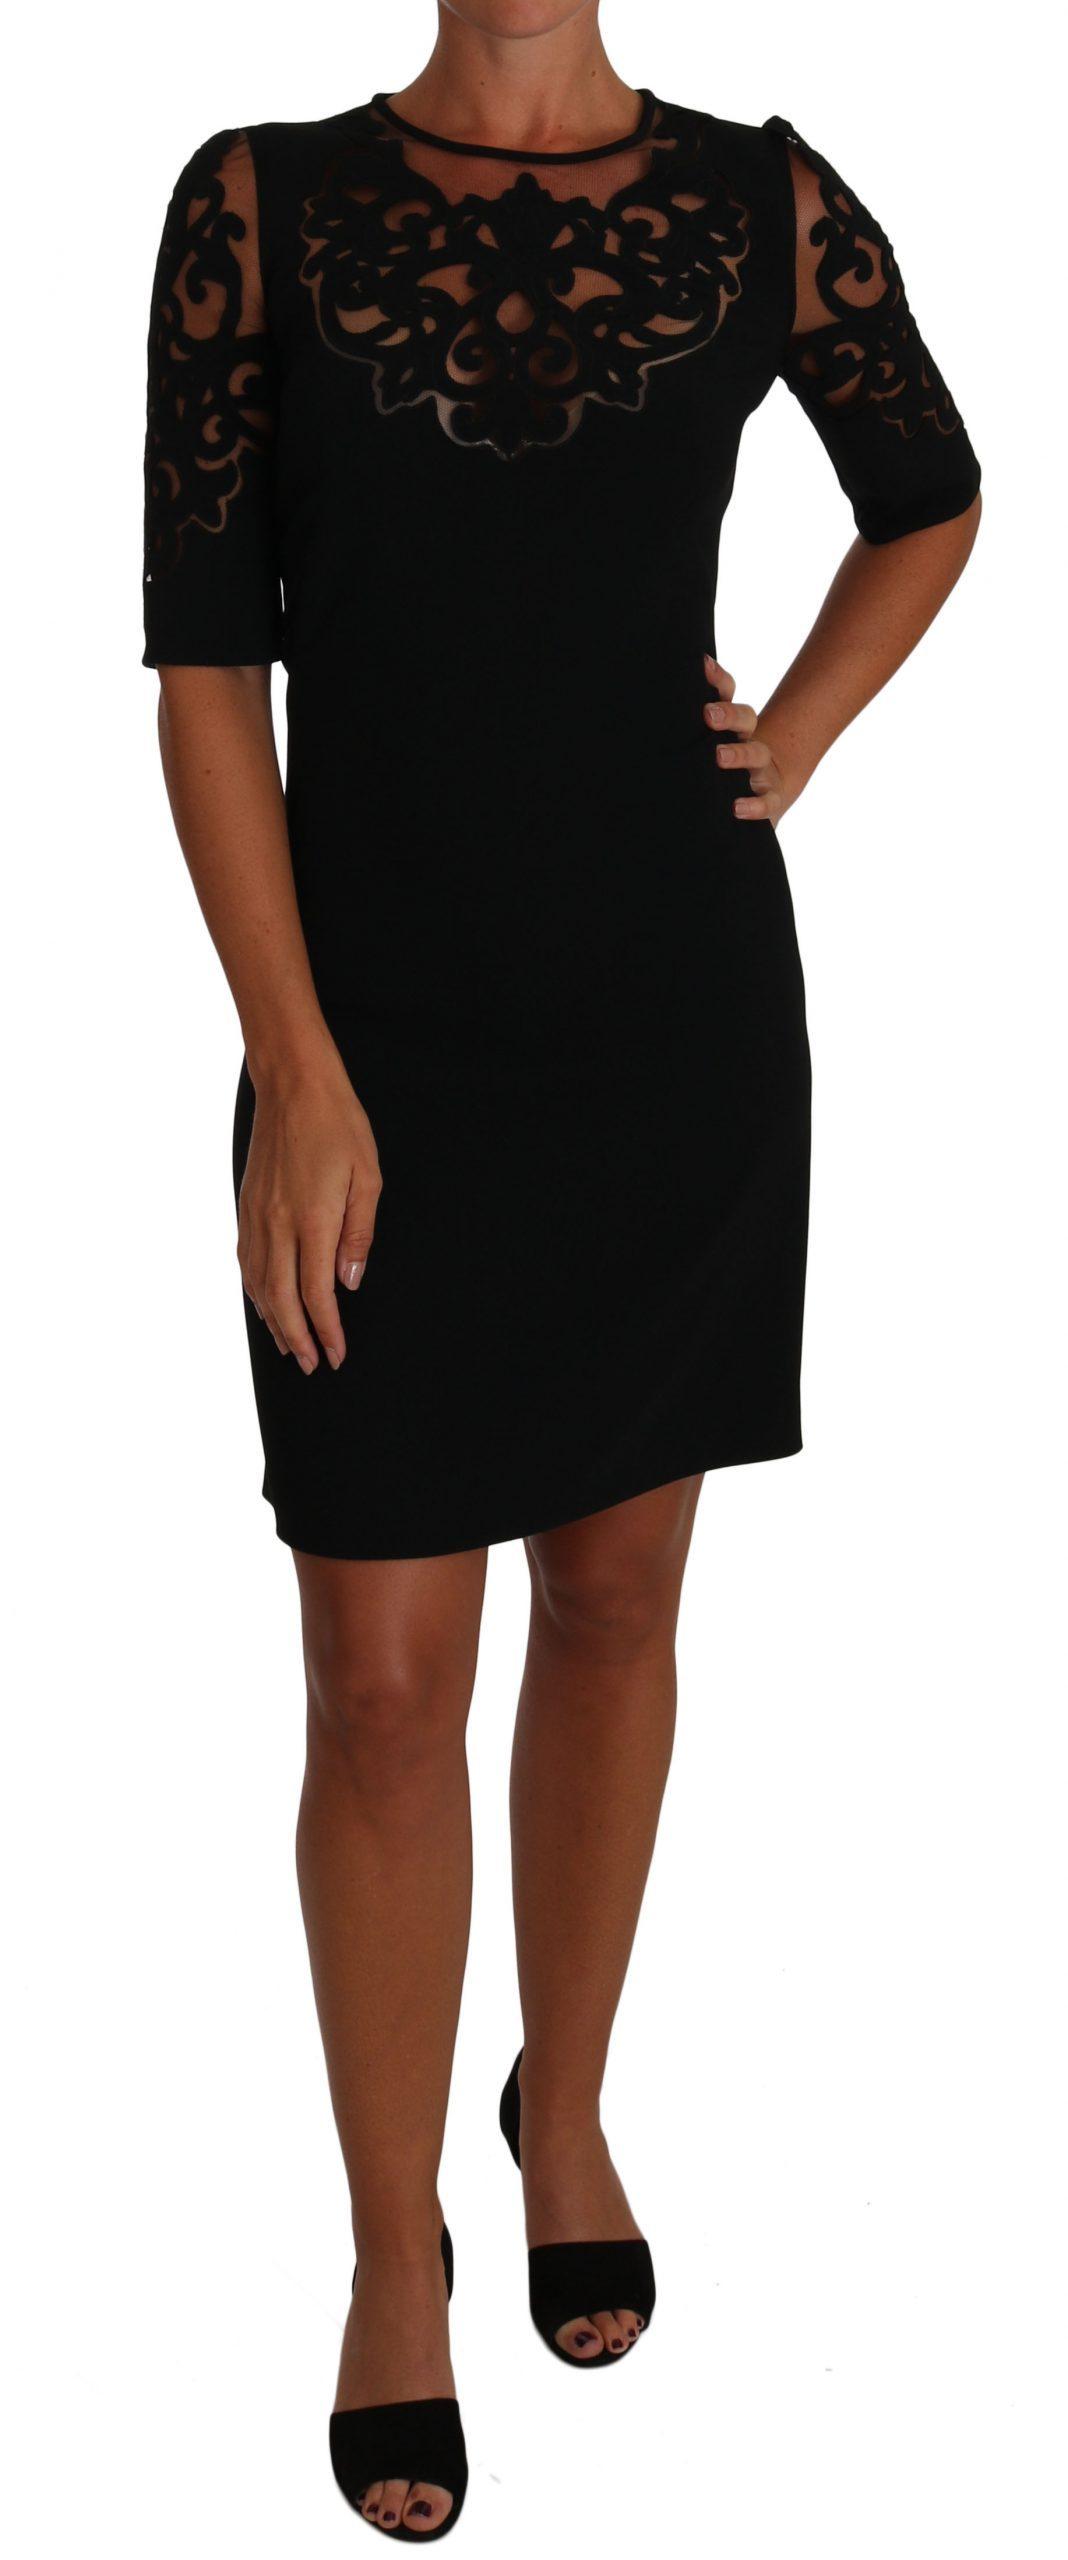 Dolce & Gabbana Women's Floral Cut Out Pattern Dress Black DR1506 - IT38|XS